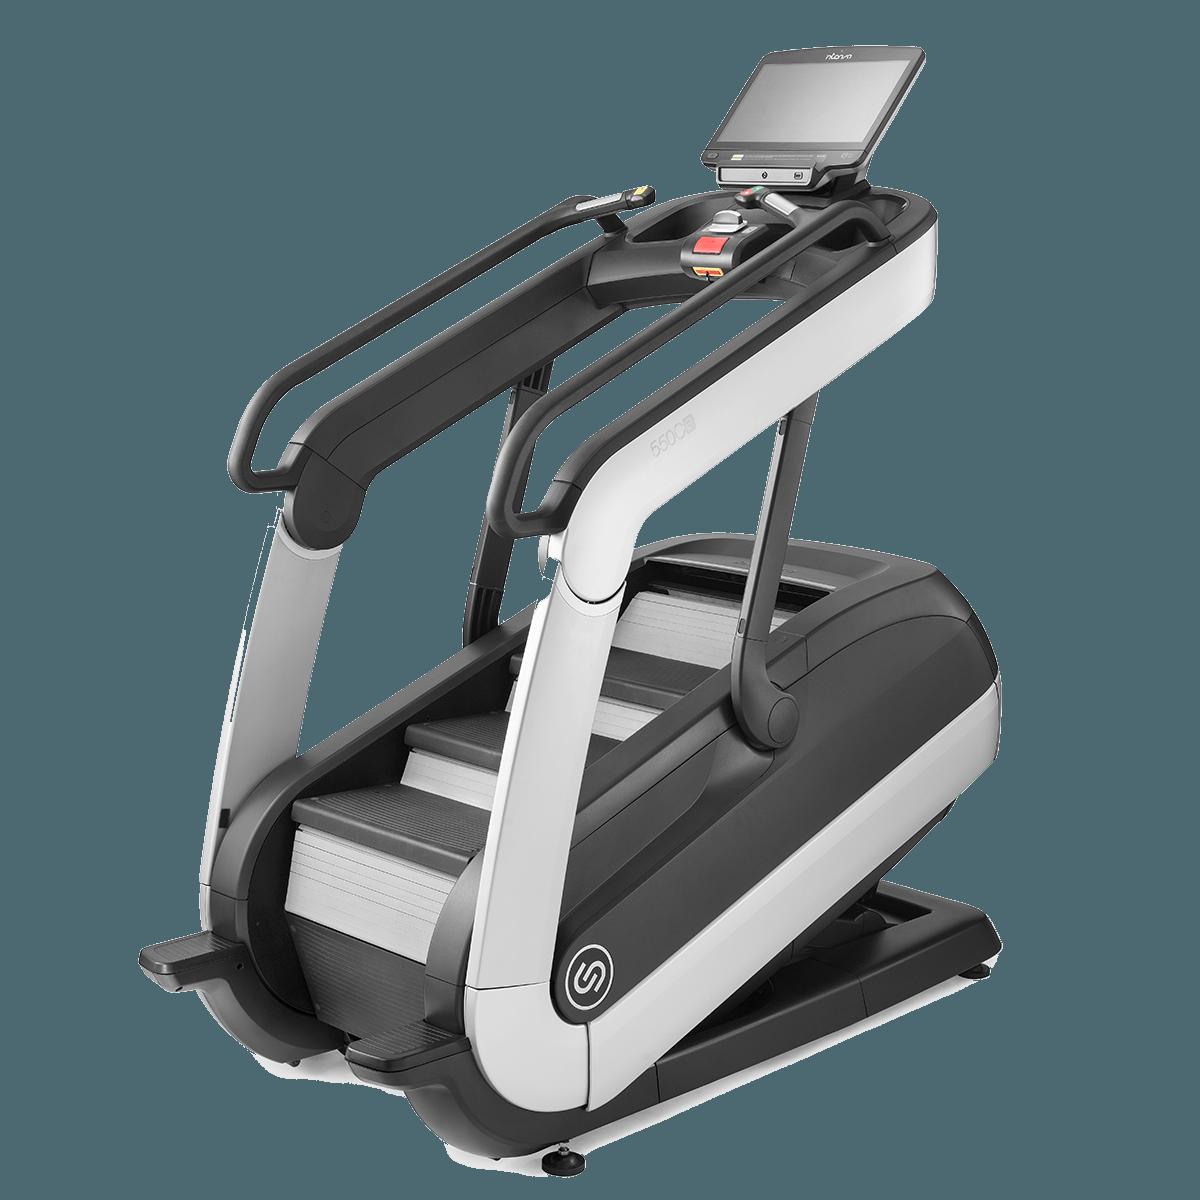 Schody Intenza Fitness Escalate Stairclimber 550 Entertainment E Series Fitcast Wyposażenie Siłowni I Klubów Fitness